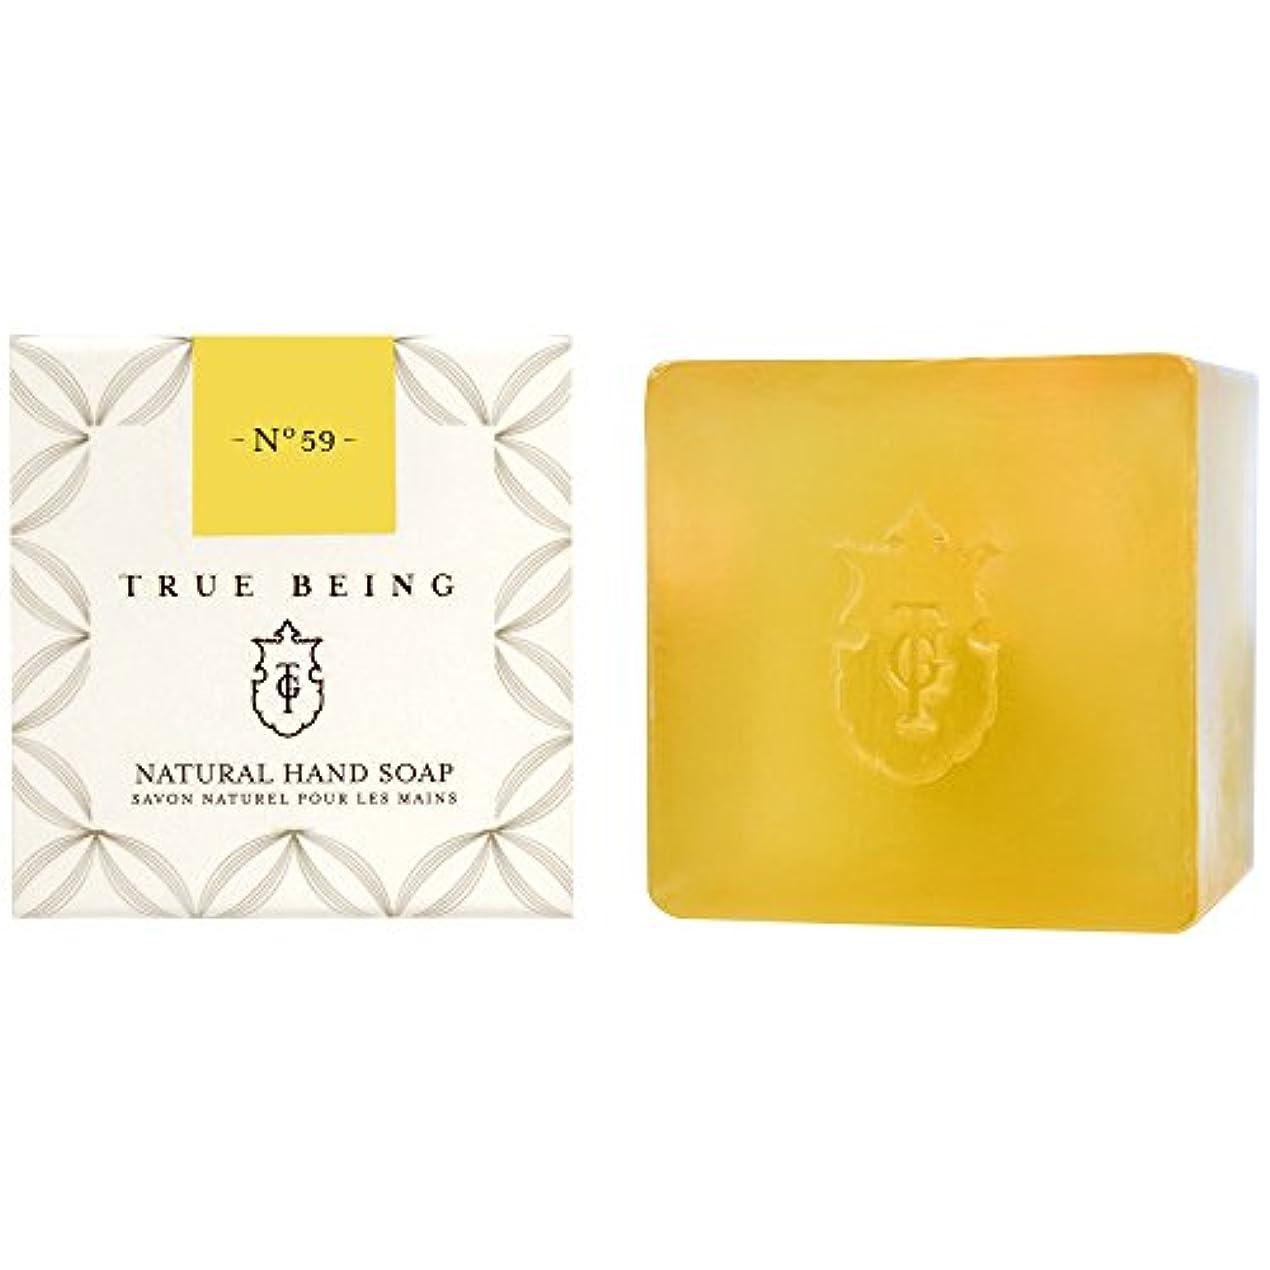 アヒルイサカ震える真であることベルガモット大石鹸 (True Being) (x2) - True Being Bergamot Large Soap (Pack of 2) [並行輸入品]